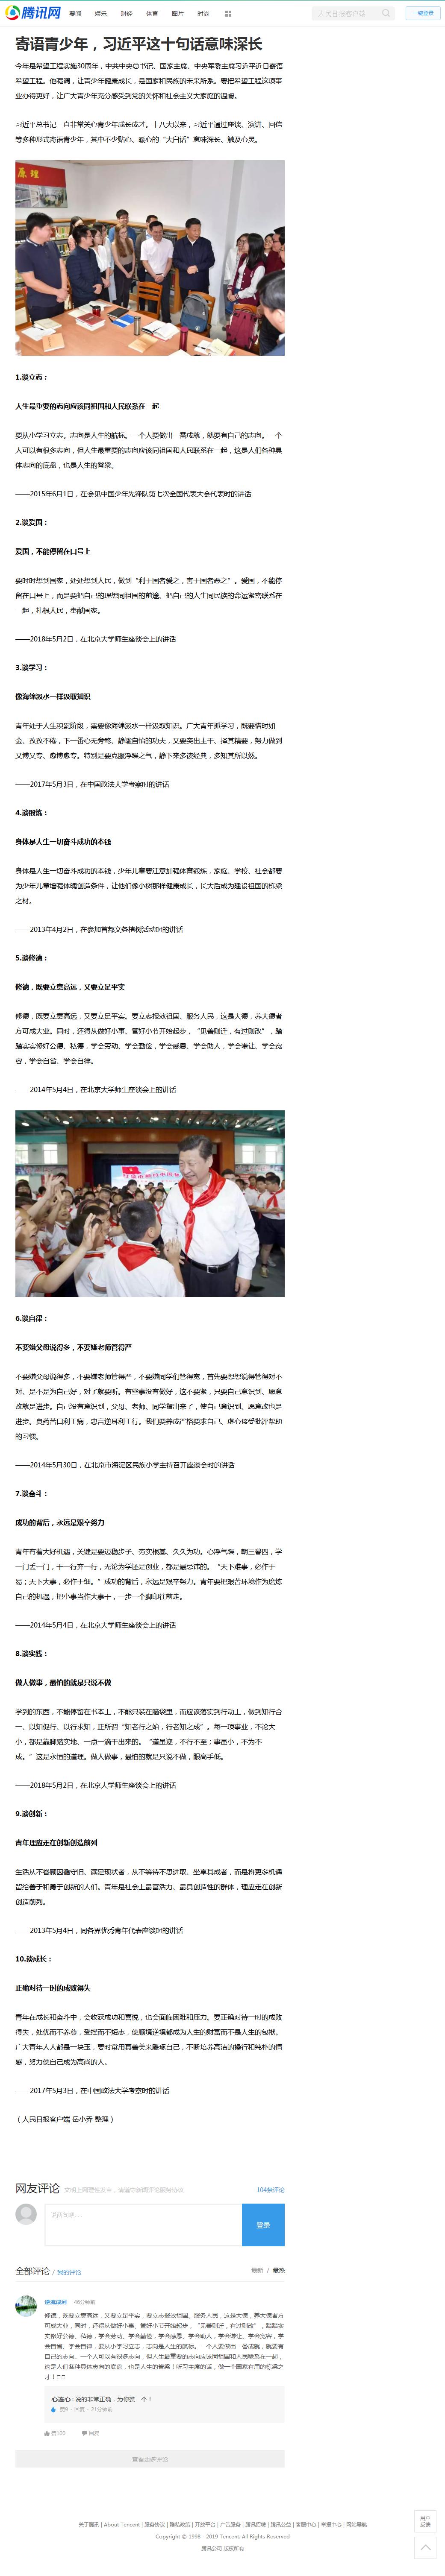 寄语青少年,习近平这十句话意味深长_腾讯新闻.png